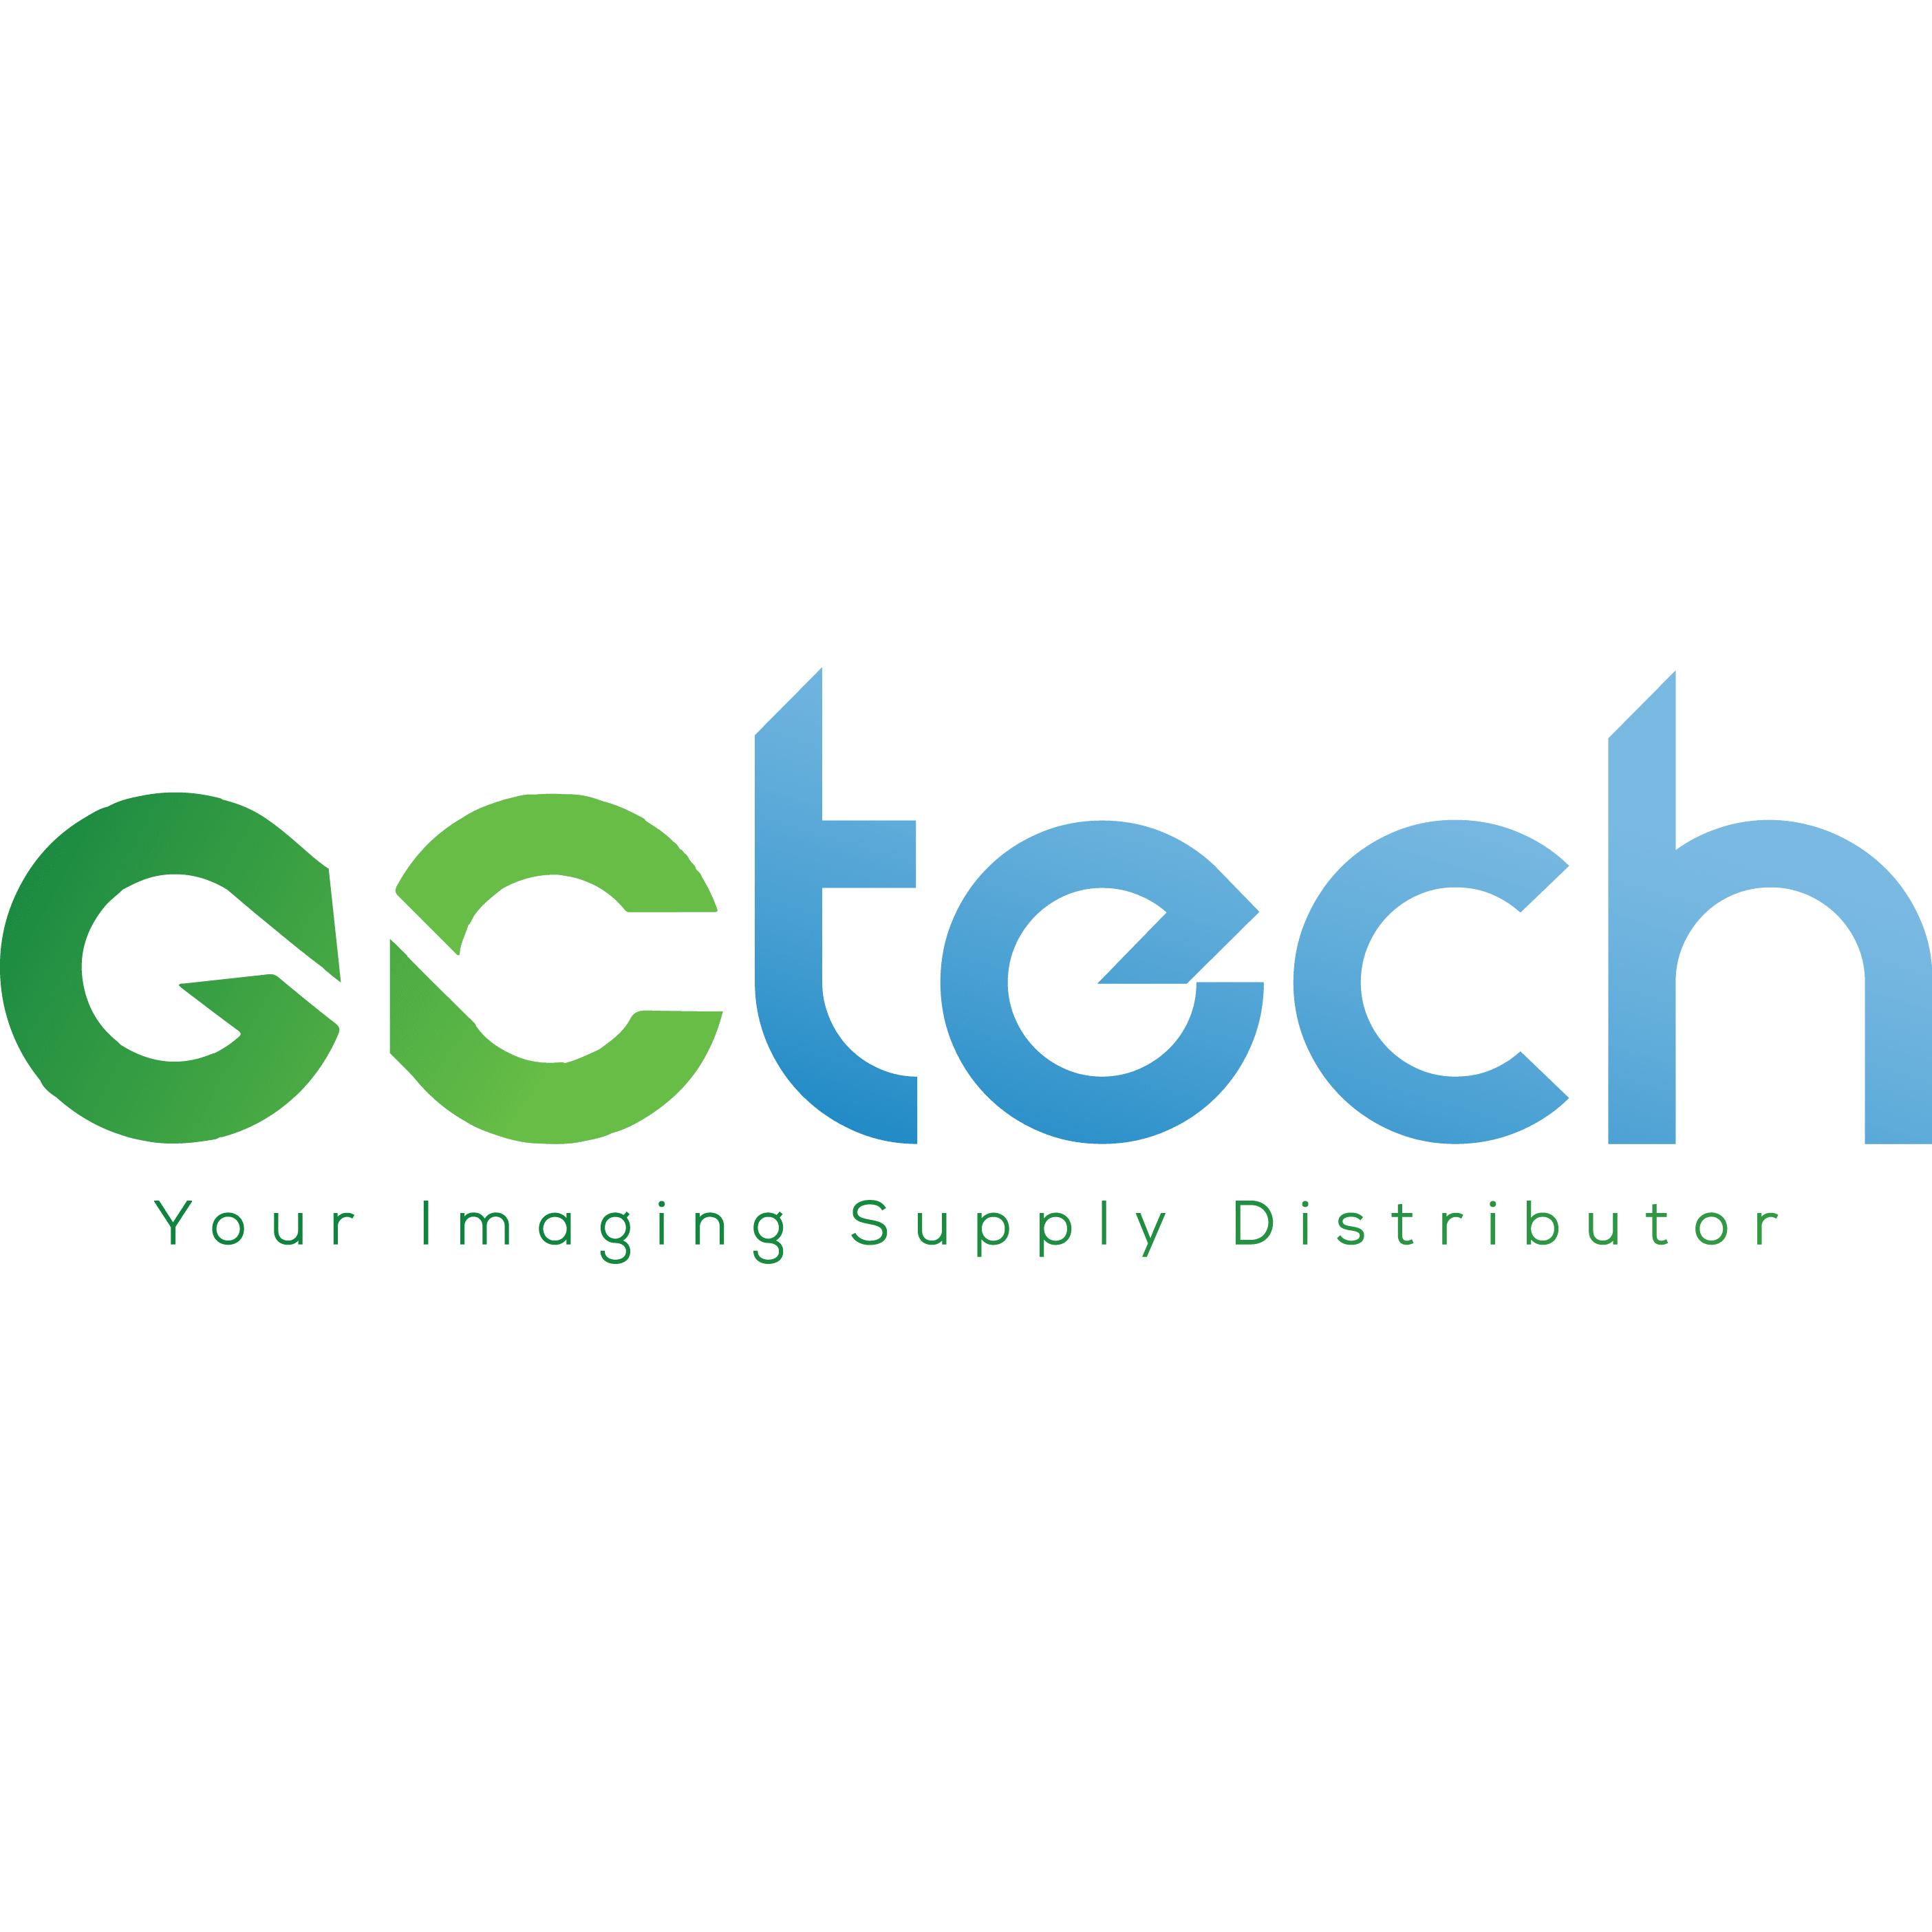 GREEN CARTRIDGE TECHNOLOGY LLC (GCTECH)